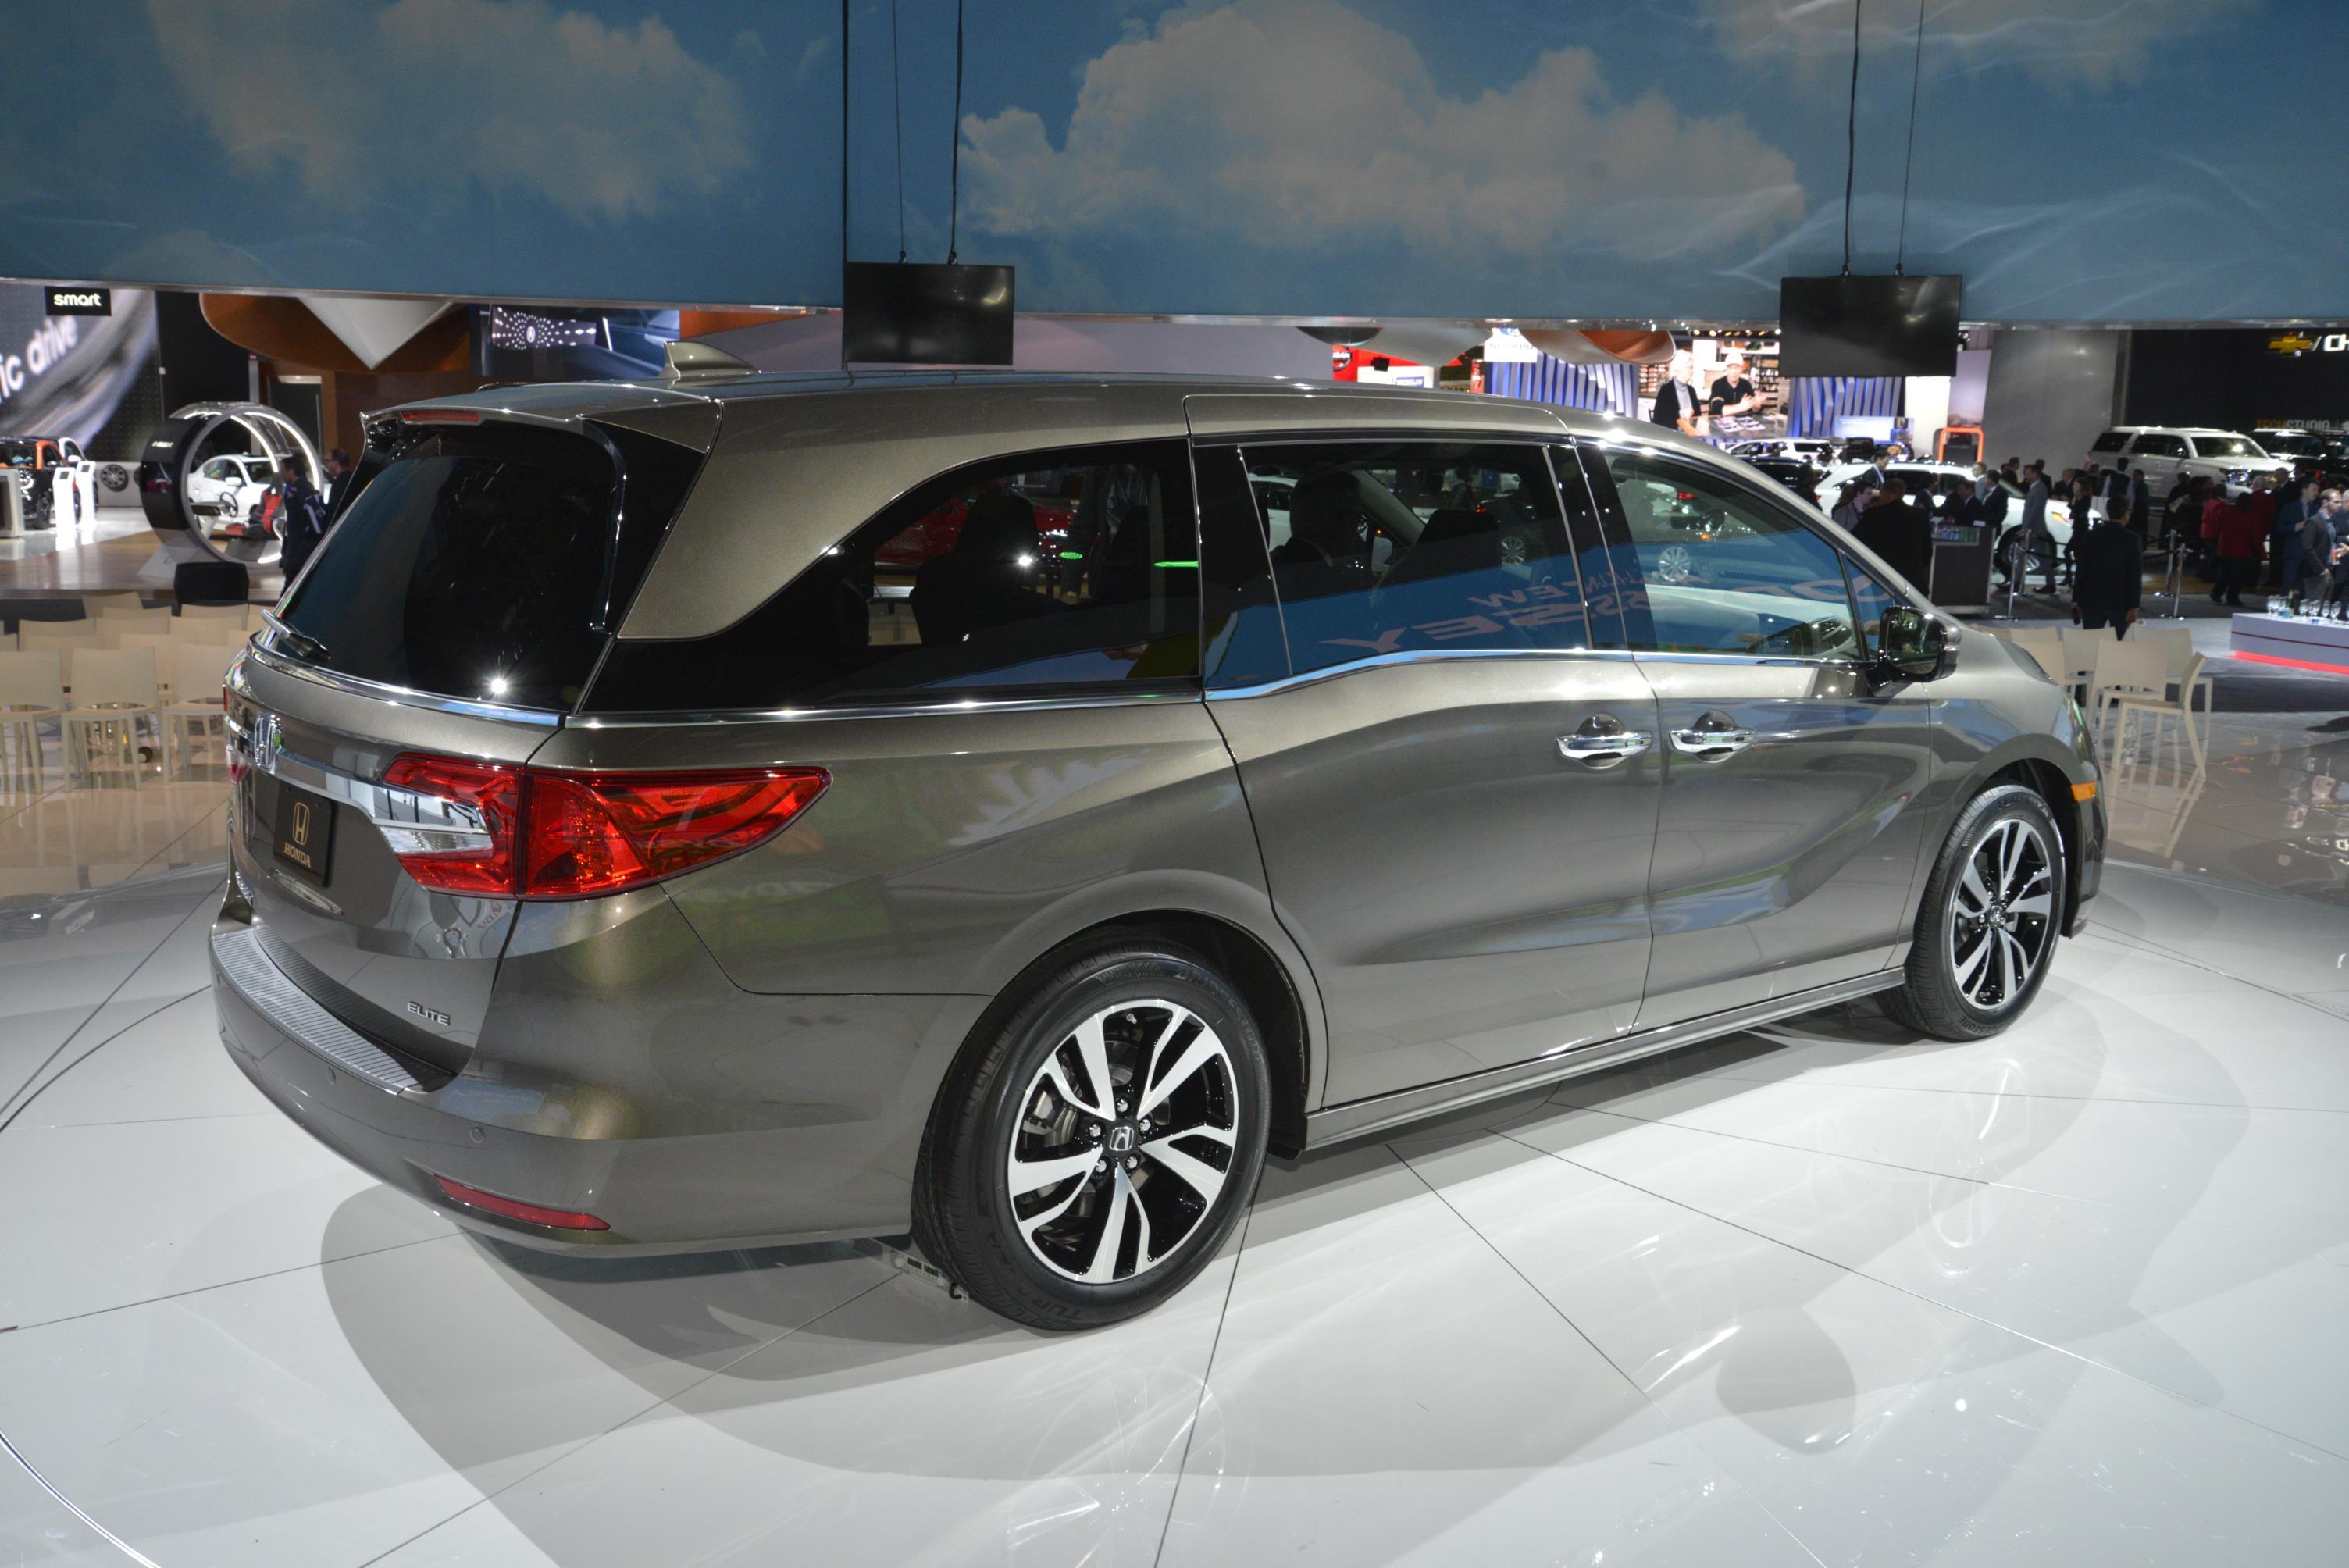 HONDA Civic Coupe See all HONDA models